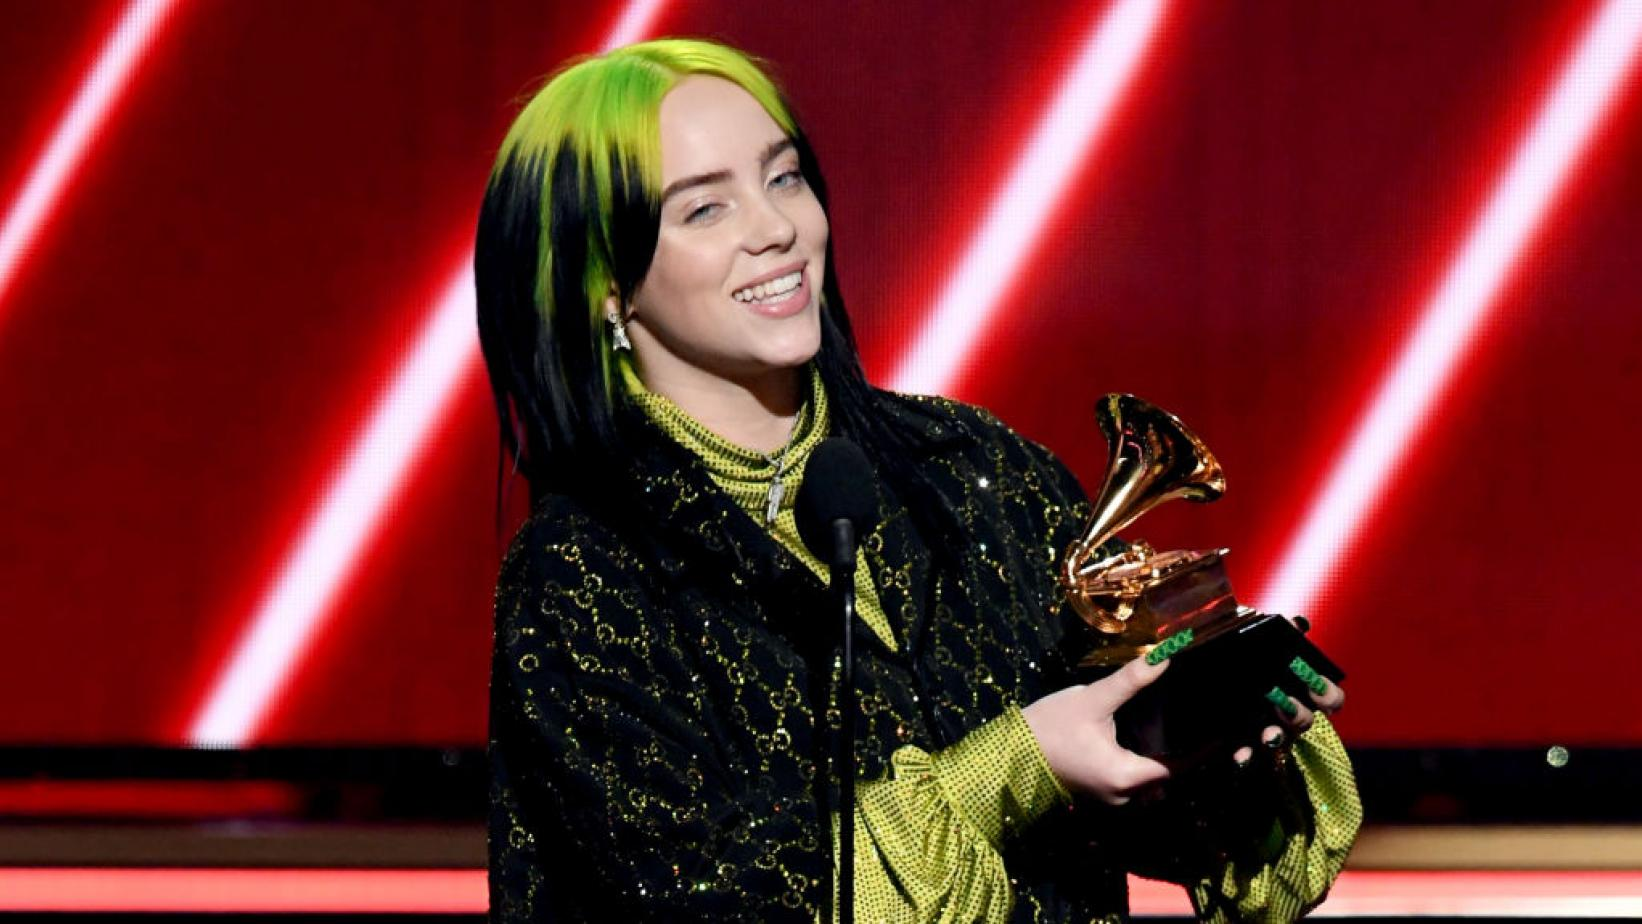 Οι νικητές των 62ων βραβείων Grammy